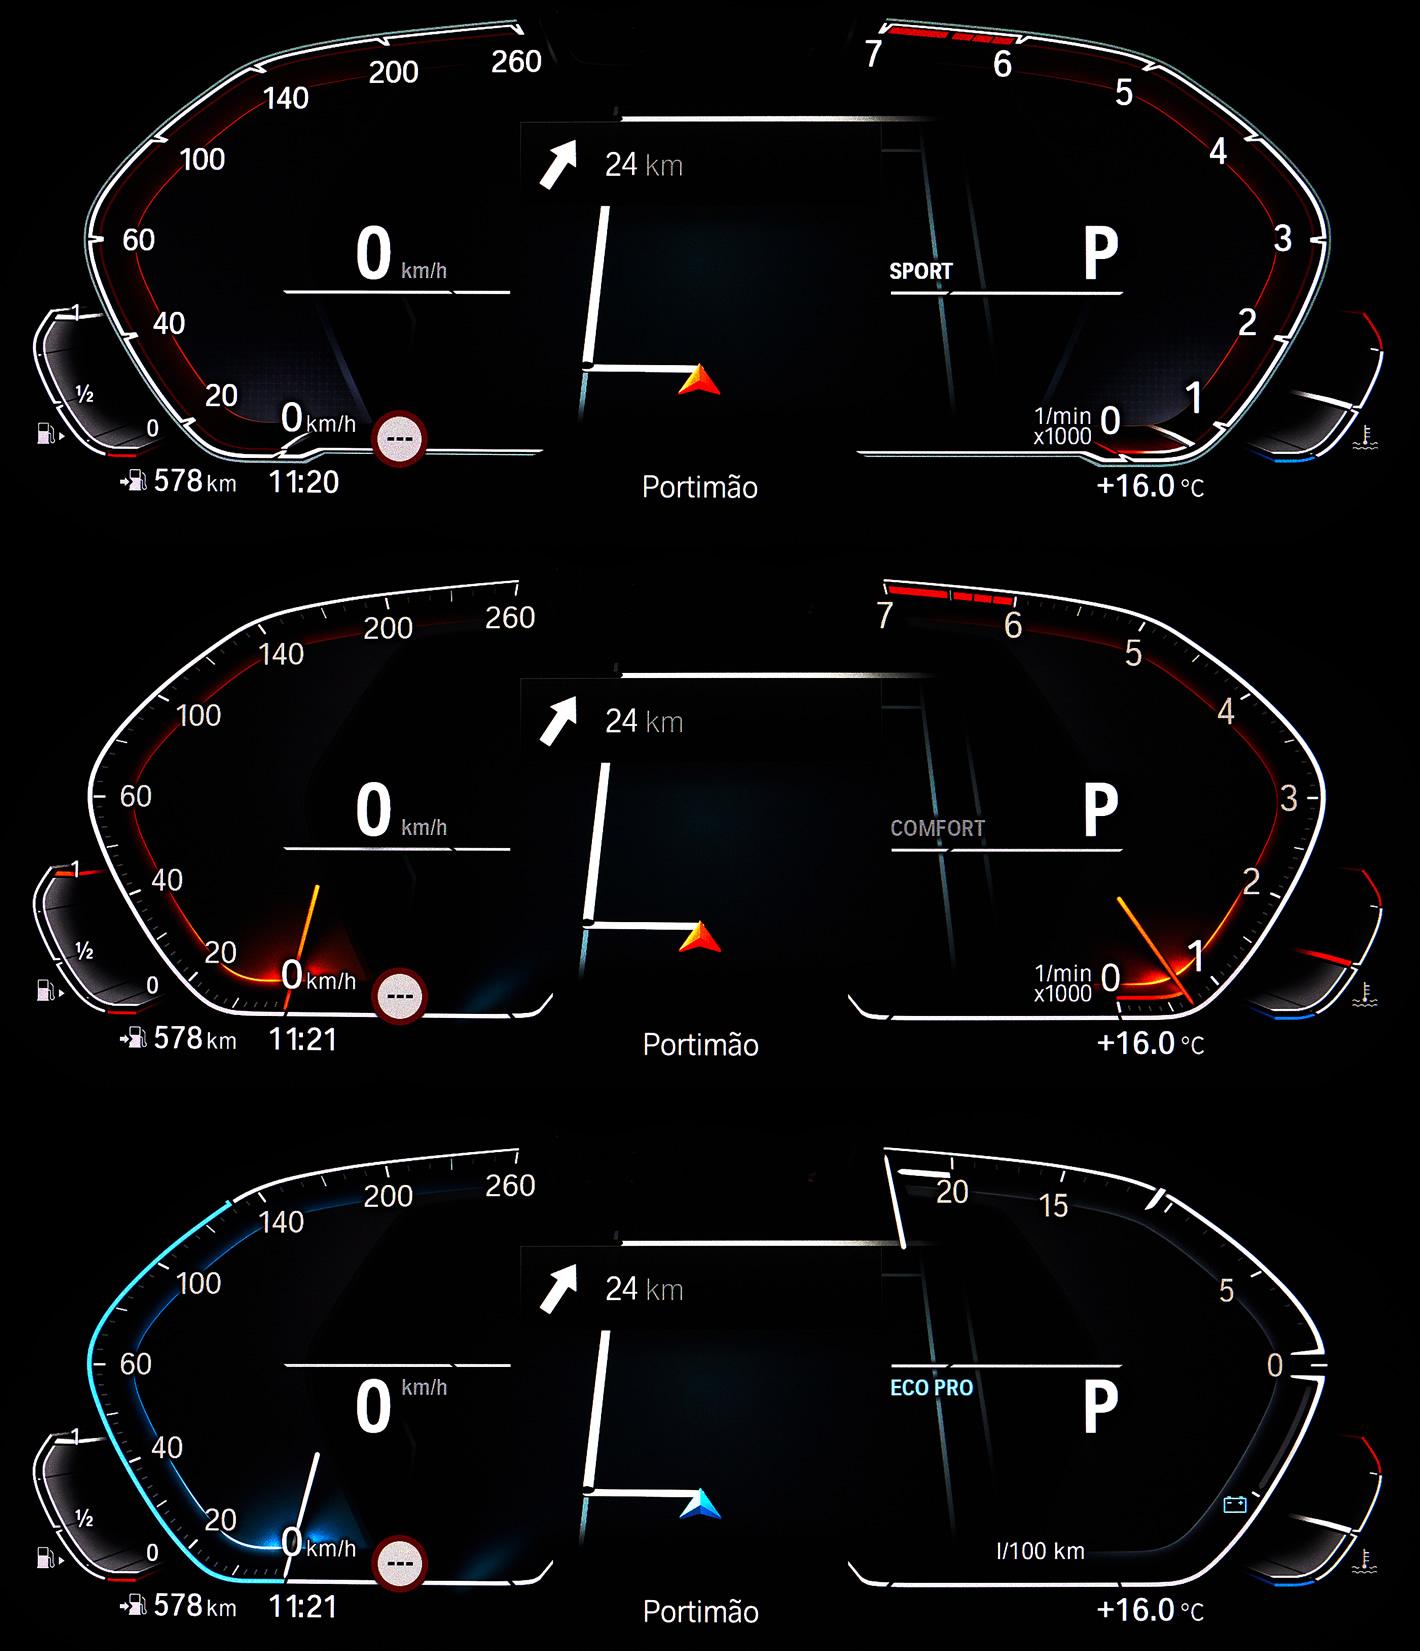 BMW System Operacyjny 7.0 Live Cockpit - tryb ekonomiczny, sportowy i komfortowy